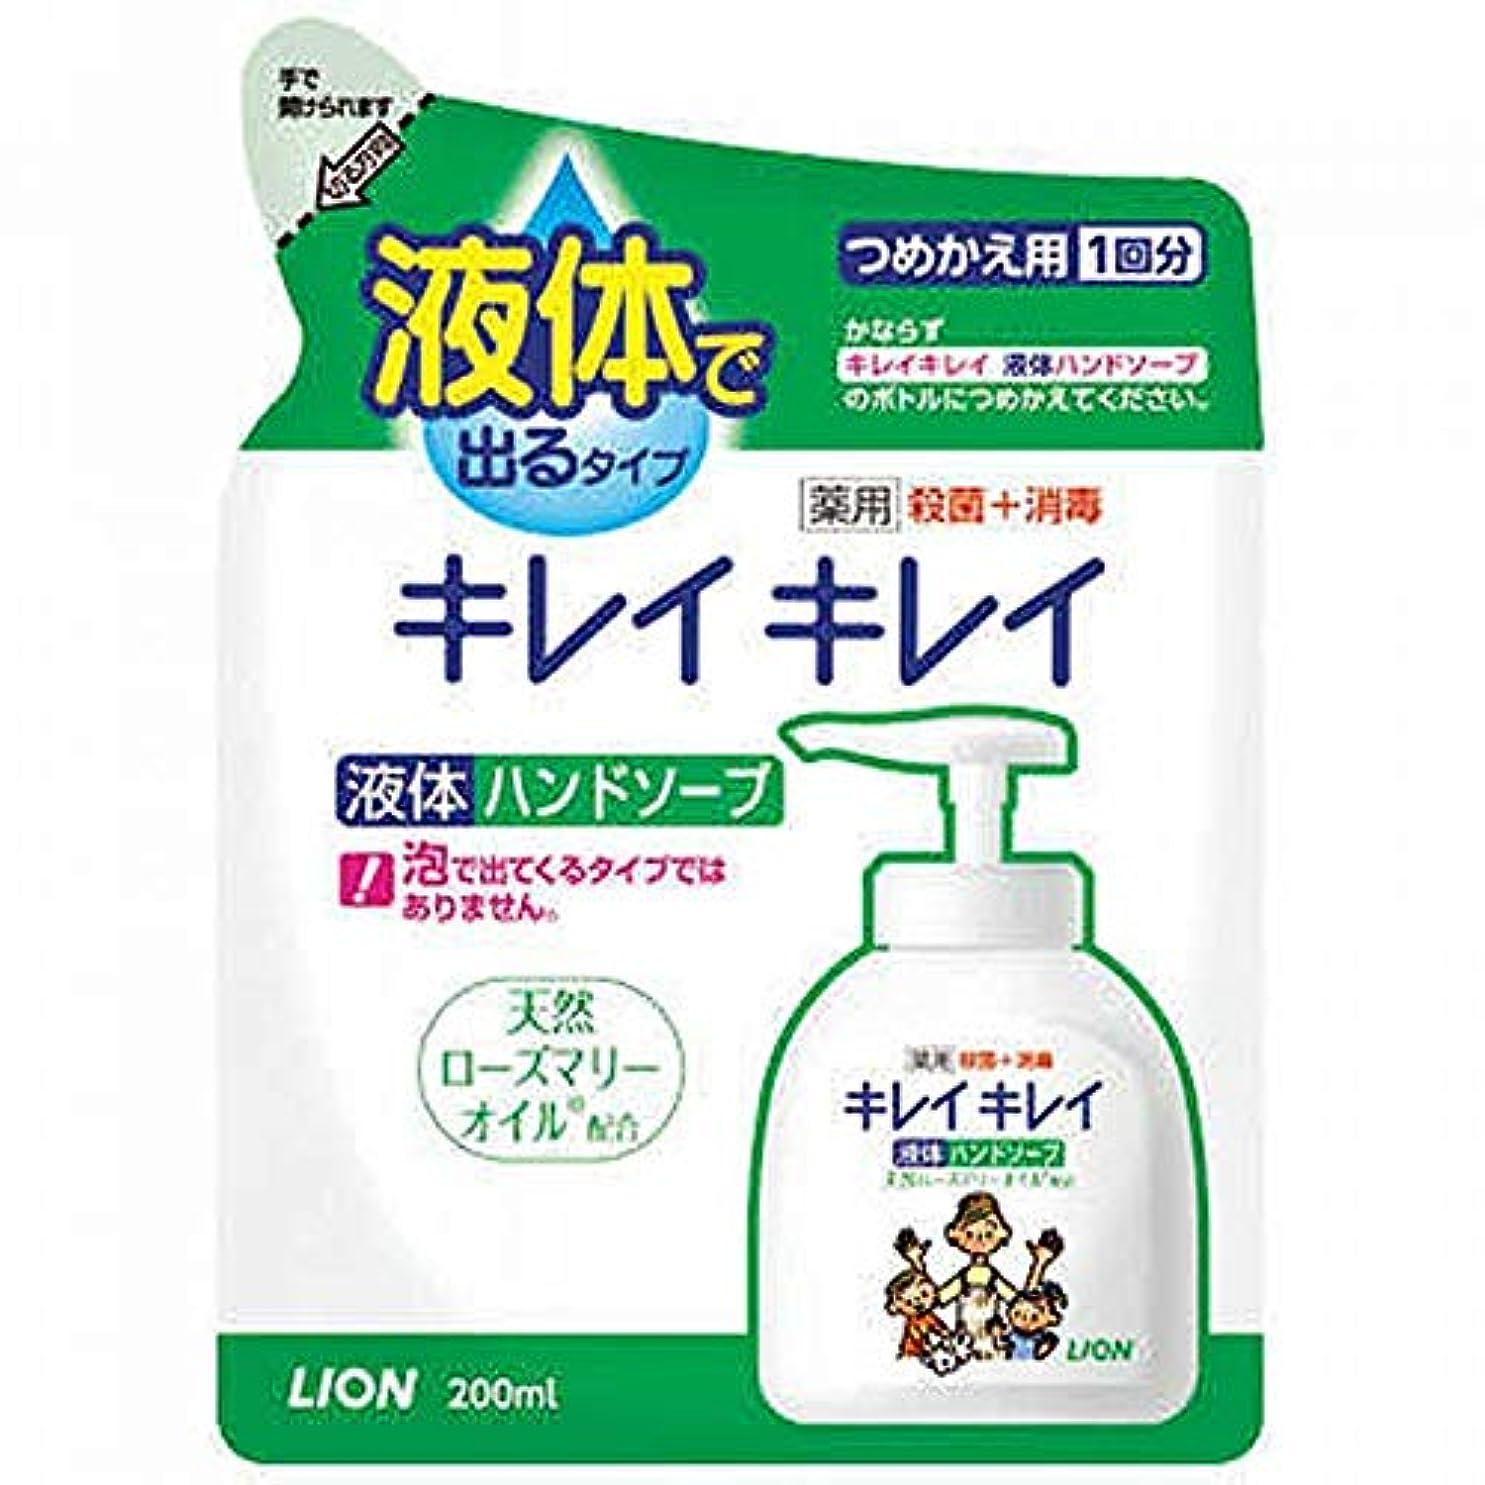 特定のルーバンガローライオン キレイキレイ 薬用液体ハンドソープ 詰替 200ml ×2セット